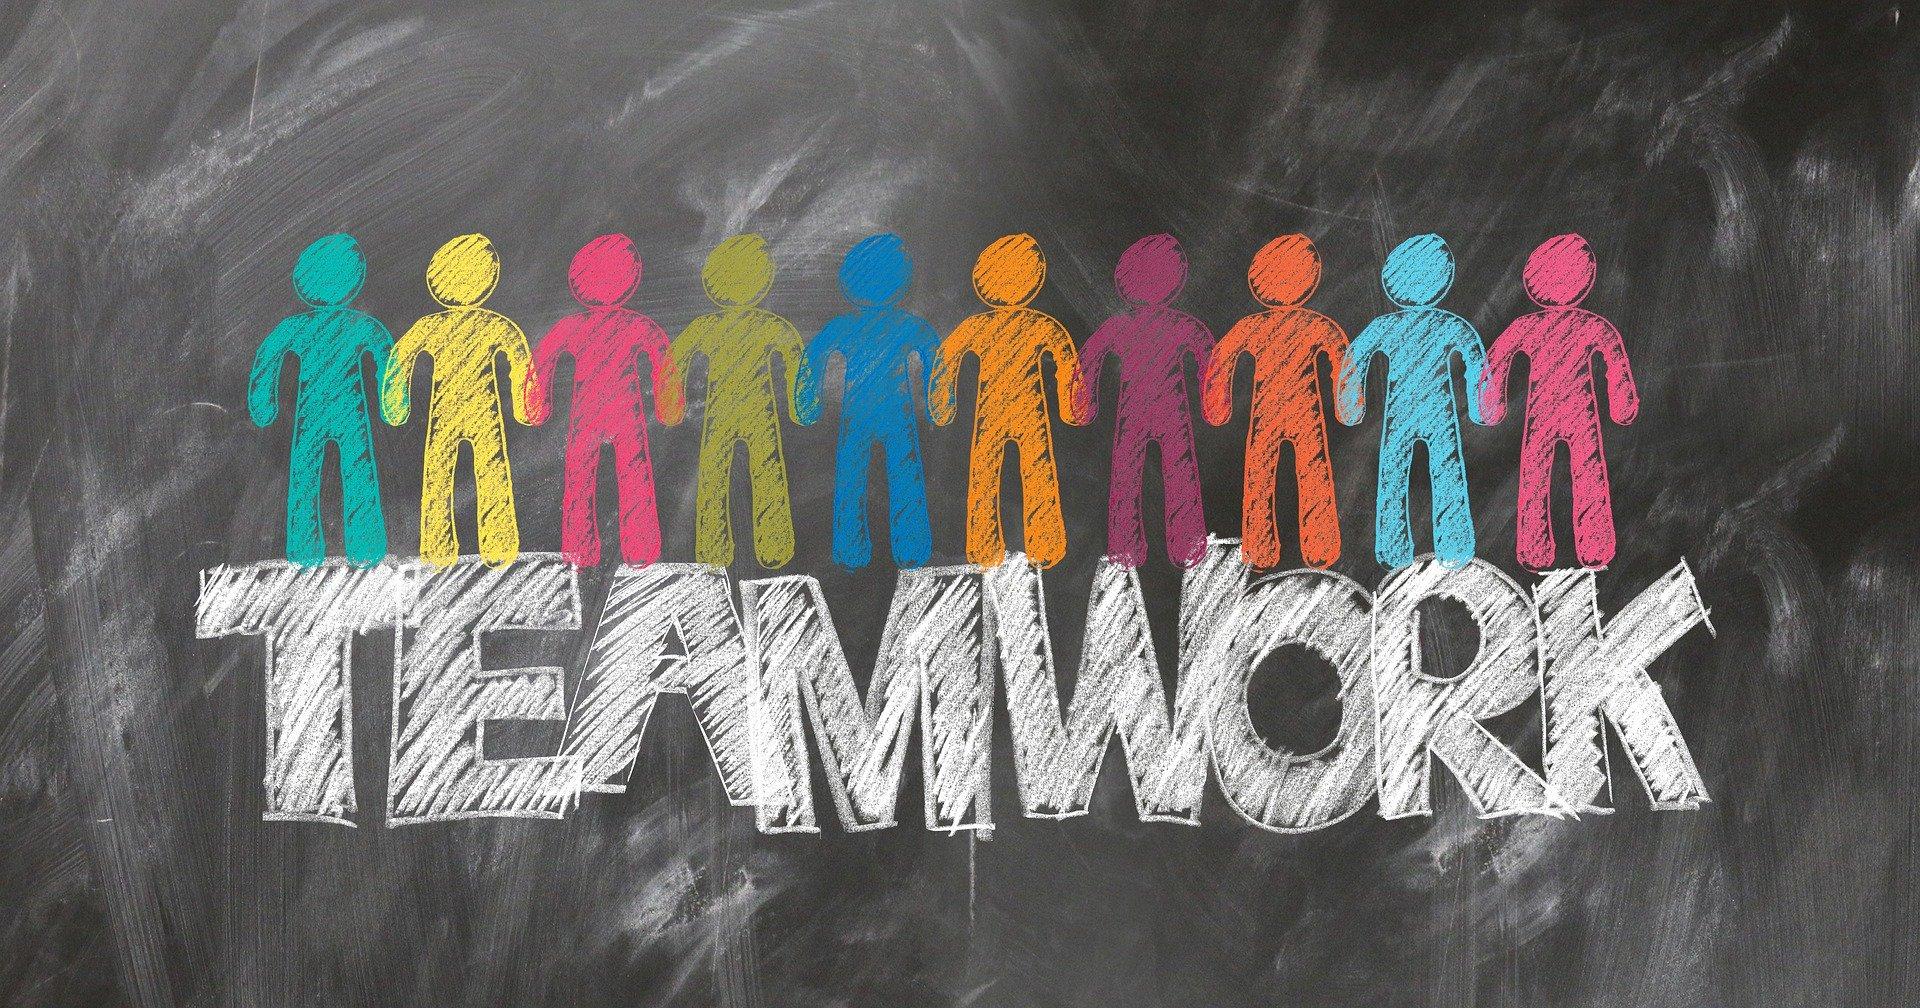 Schultafel mit Kreideschrift Teamwork und stilisierten bunten Menschen